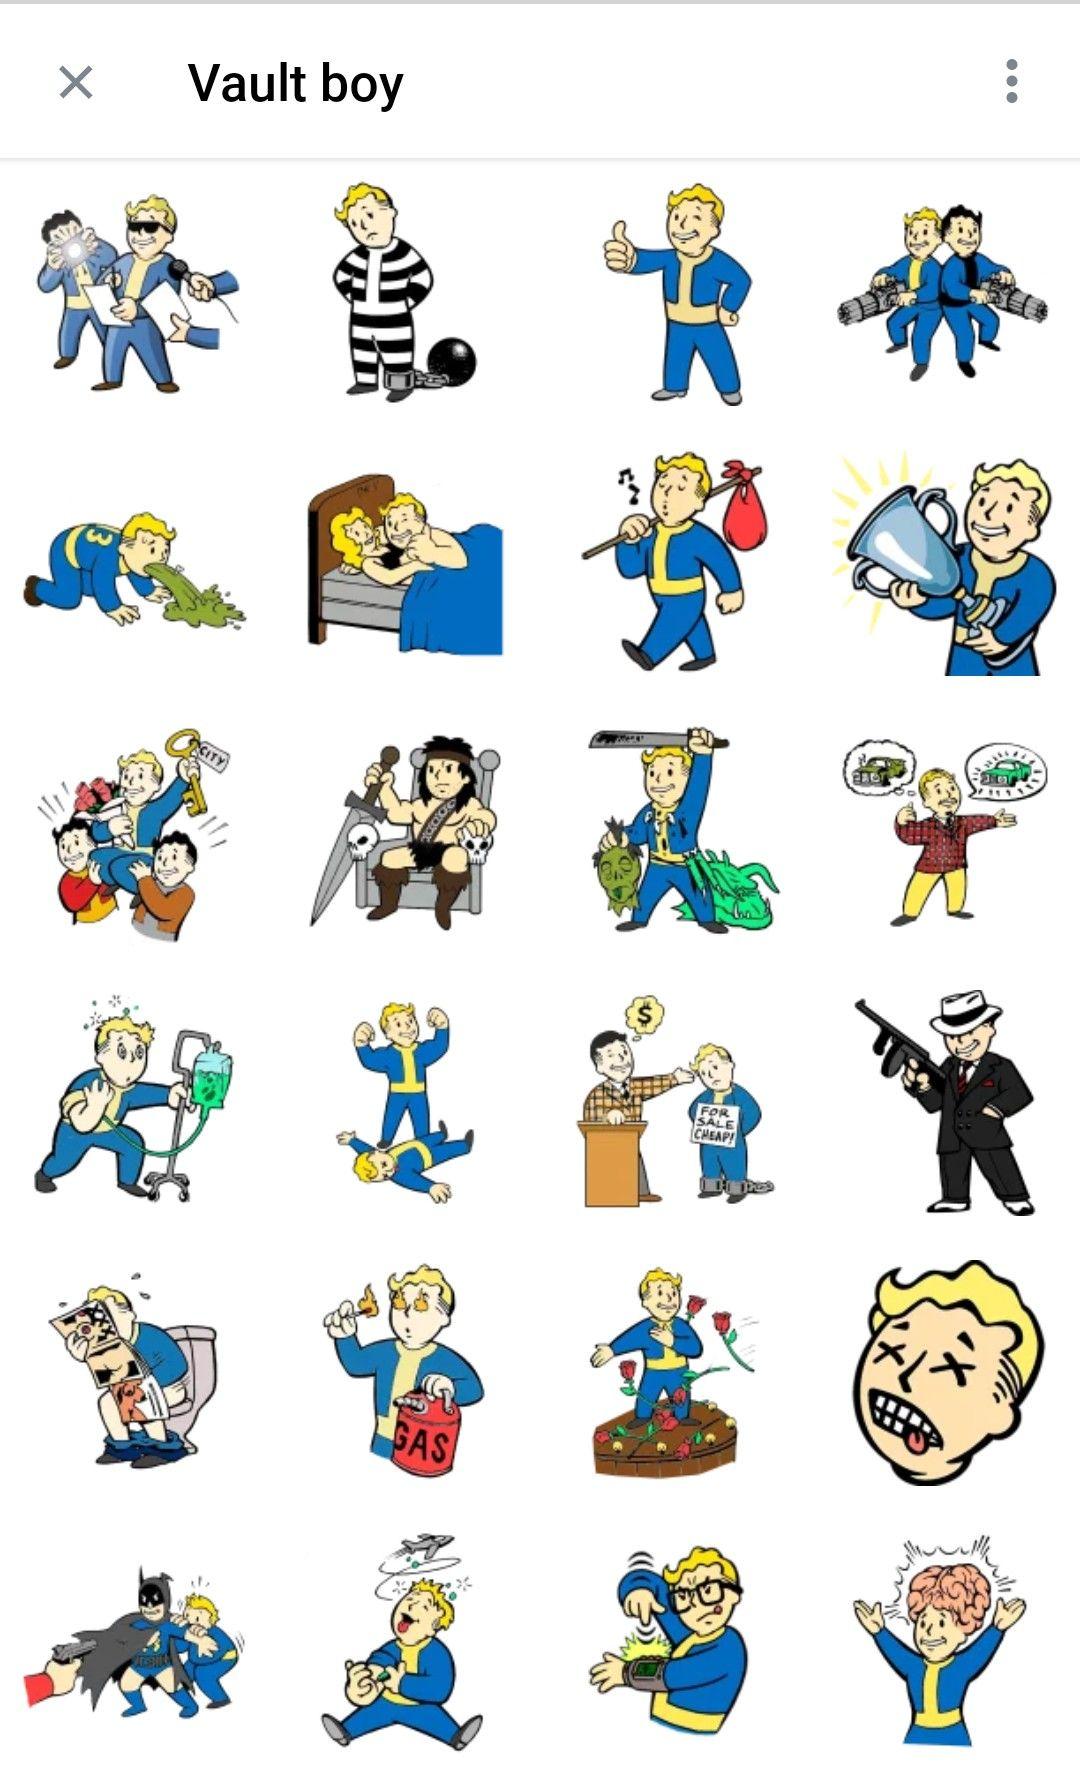 Vault Boy Telegram Sticker Packs Fallout Tattoo Vault Boy Fallout Telegram Stickers